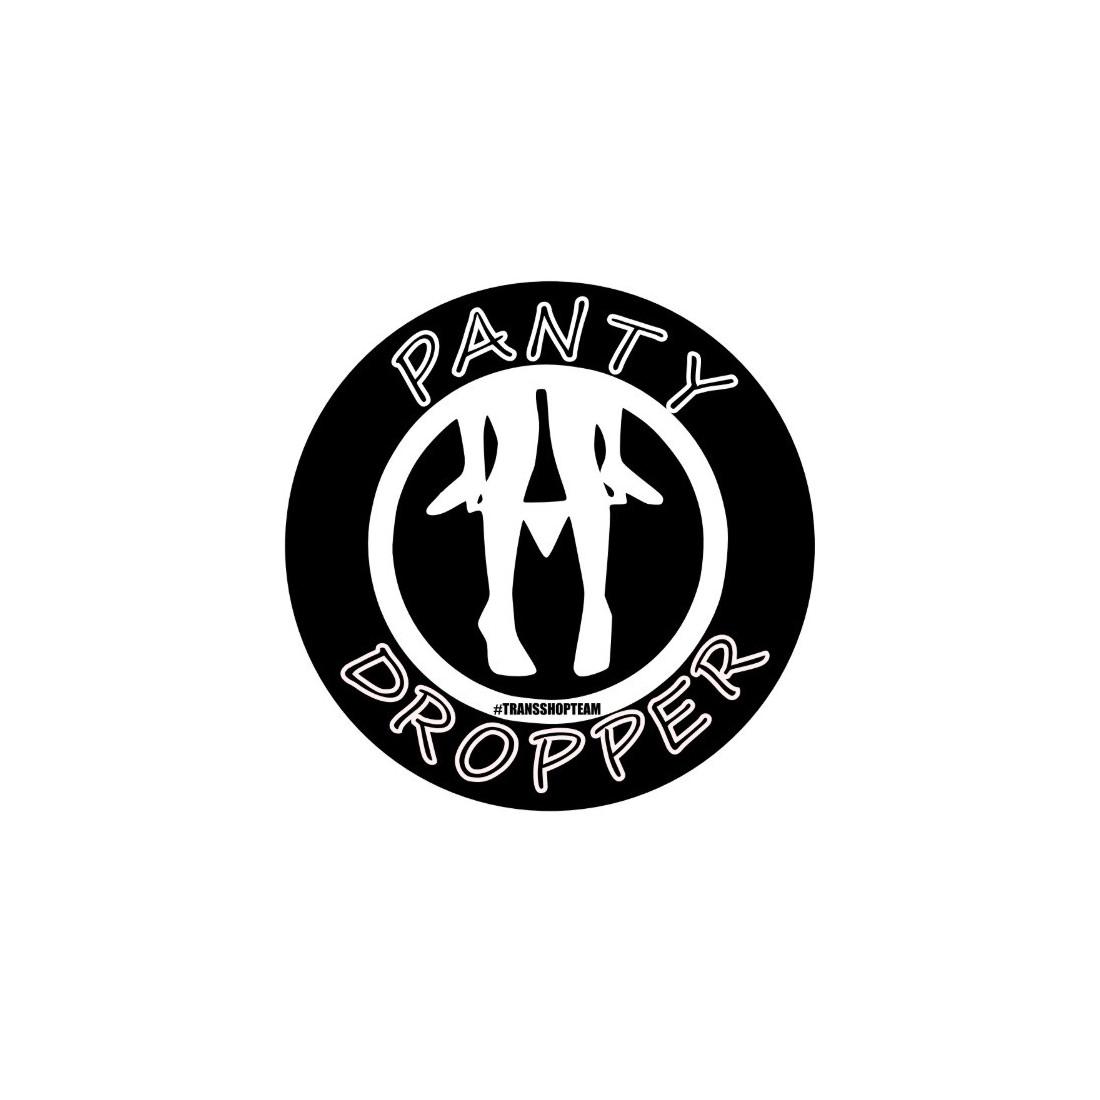 PANTY DROPPER NAKLEJKA WLEPA 10 CM